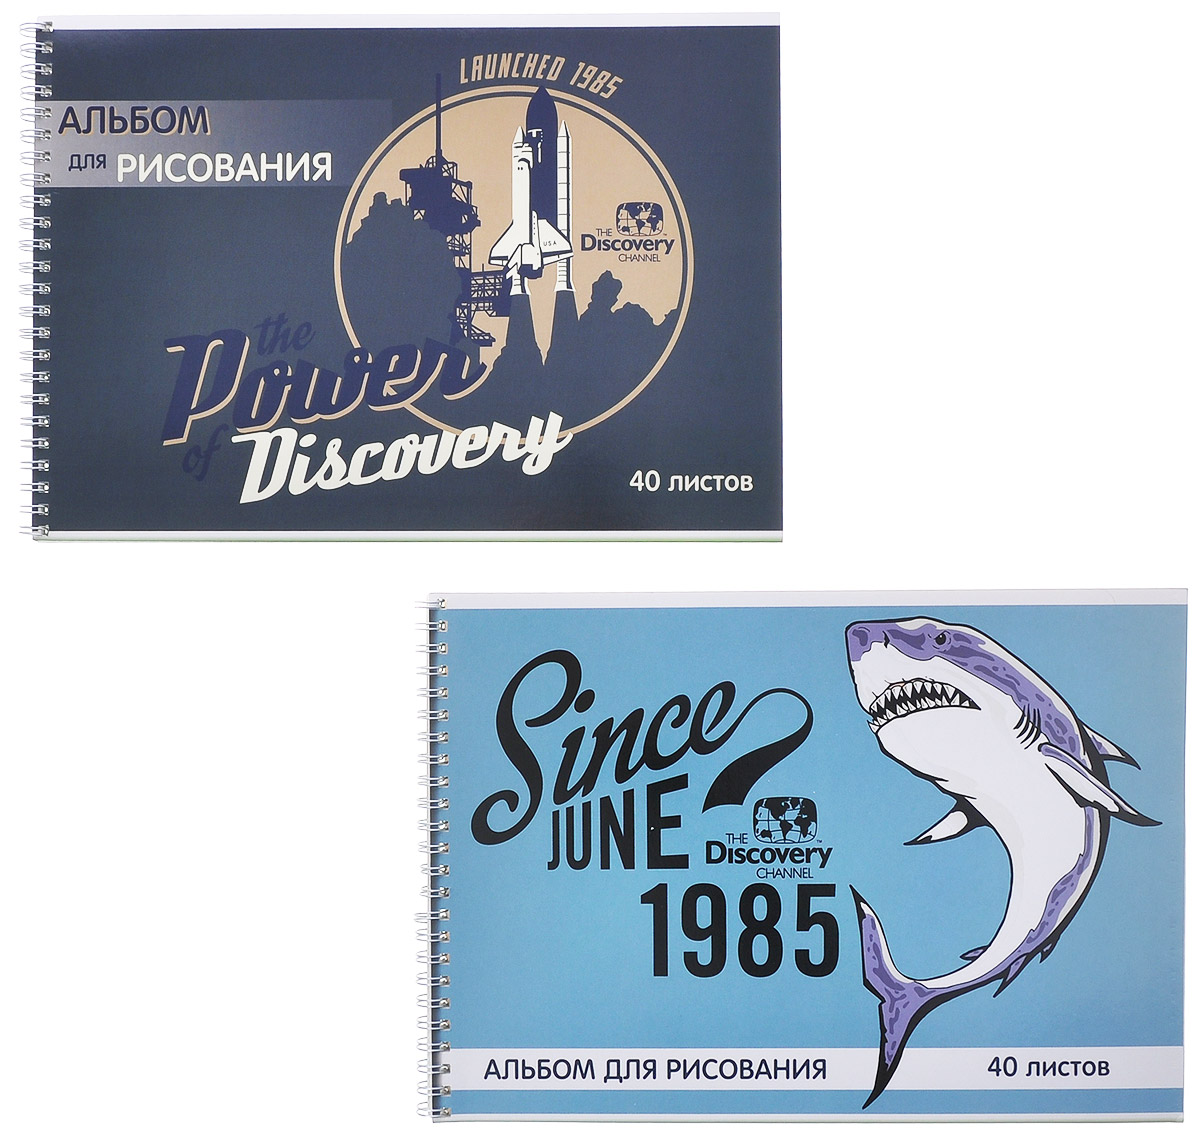 Action! Набор альбомов для рисования Discovery: Акула, ракета, 40 листов, 2 штDV-AA-40S_акула, ракетаАльбом для рисования Action! Discovery: Акула, ракета порадует маленького художника и вдохновит его на творчество. Альбомы изготовлены из белой офсетной бумаги с яркими обложками из высококачественного целлюлозного мелованного картона. Высокое качество бумаги позволяет рисовать в альбоме карандашами, фломастерами, акварельными и гуашевыми красками. В наборе два альбома.Крепление: спираль.Создание собственных картинок приносит детям настоящее удовольствие. И увлечение изобразительным творчеством носит не только развлекательный характер: оно развивает цветовое восприятие, зрительную память и воображение. Во время рисования совершенствуется ассоциативное, аналитическое и творческое мышление. Занимаясь изобразительным творчеством, малыш тренирует мелкую моторику рук, становится более усидчивым и спокойным и, конечно, приобщается к общечеловеческой культуре.